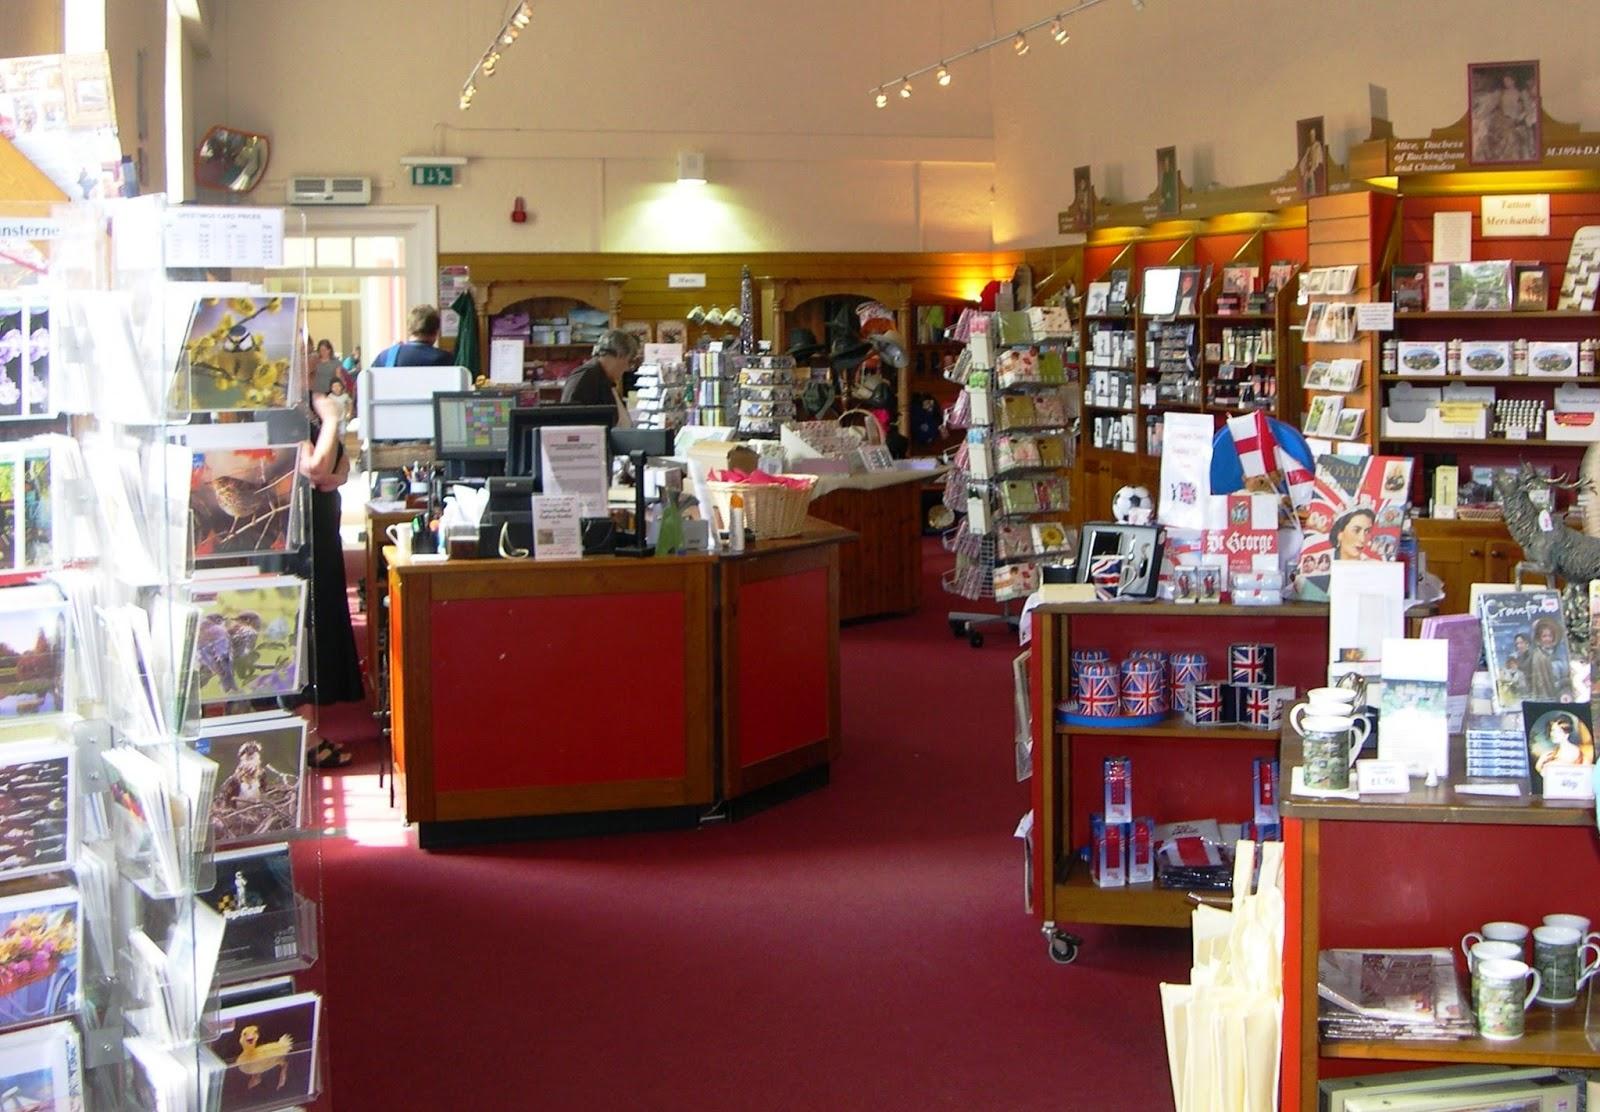 Museum retailing consultancy